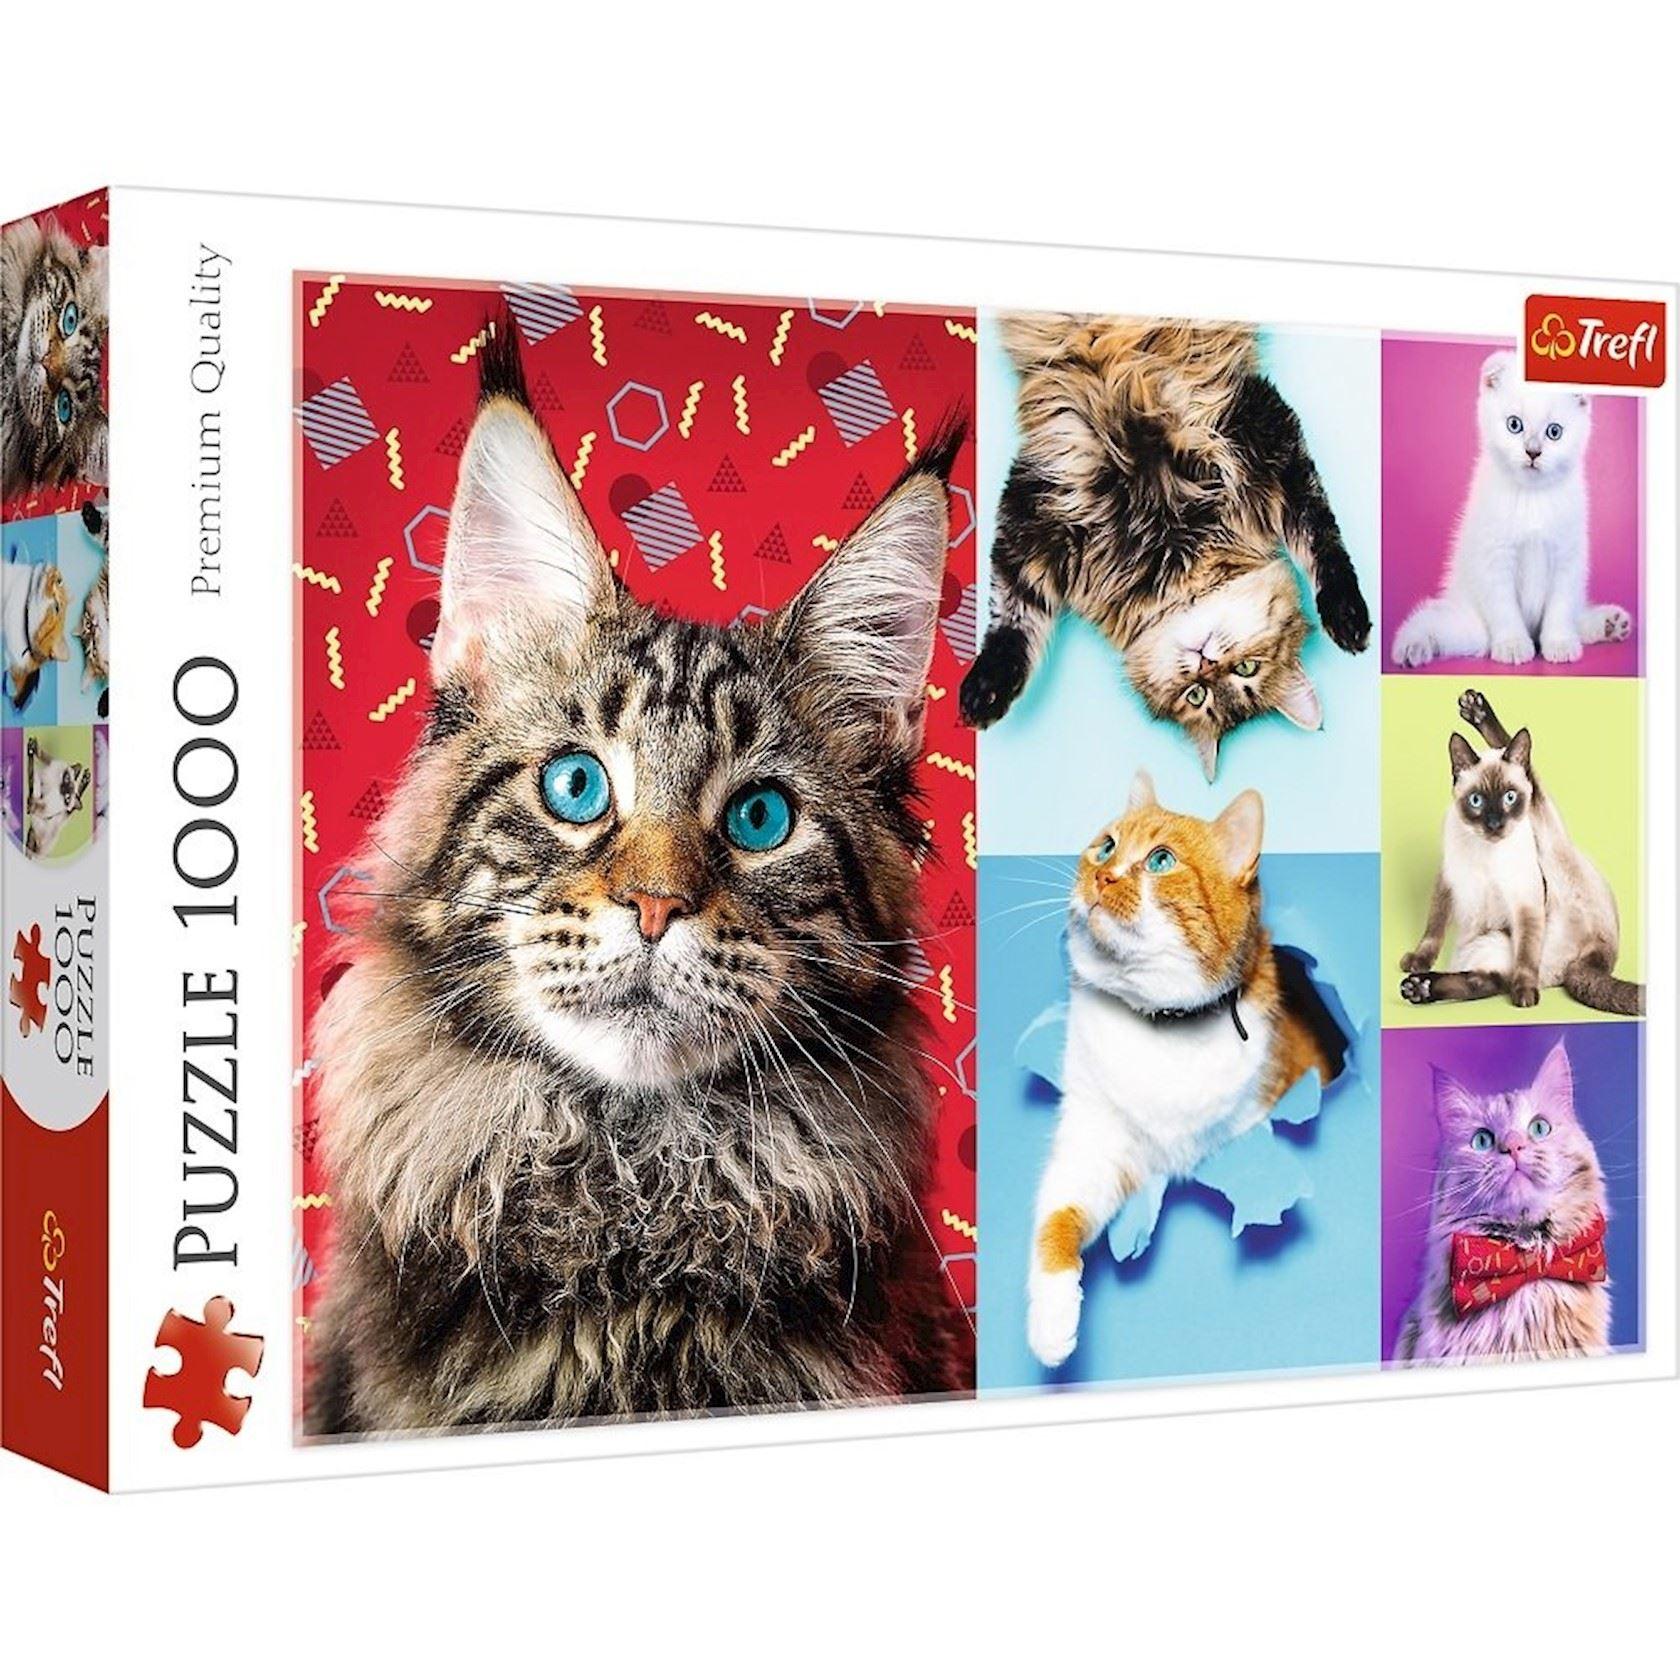 Puzzel Trefl 1000 stuks - Vrolijke katten